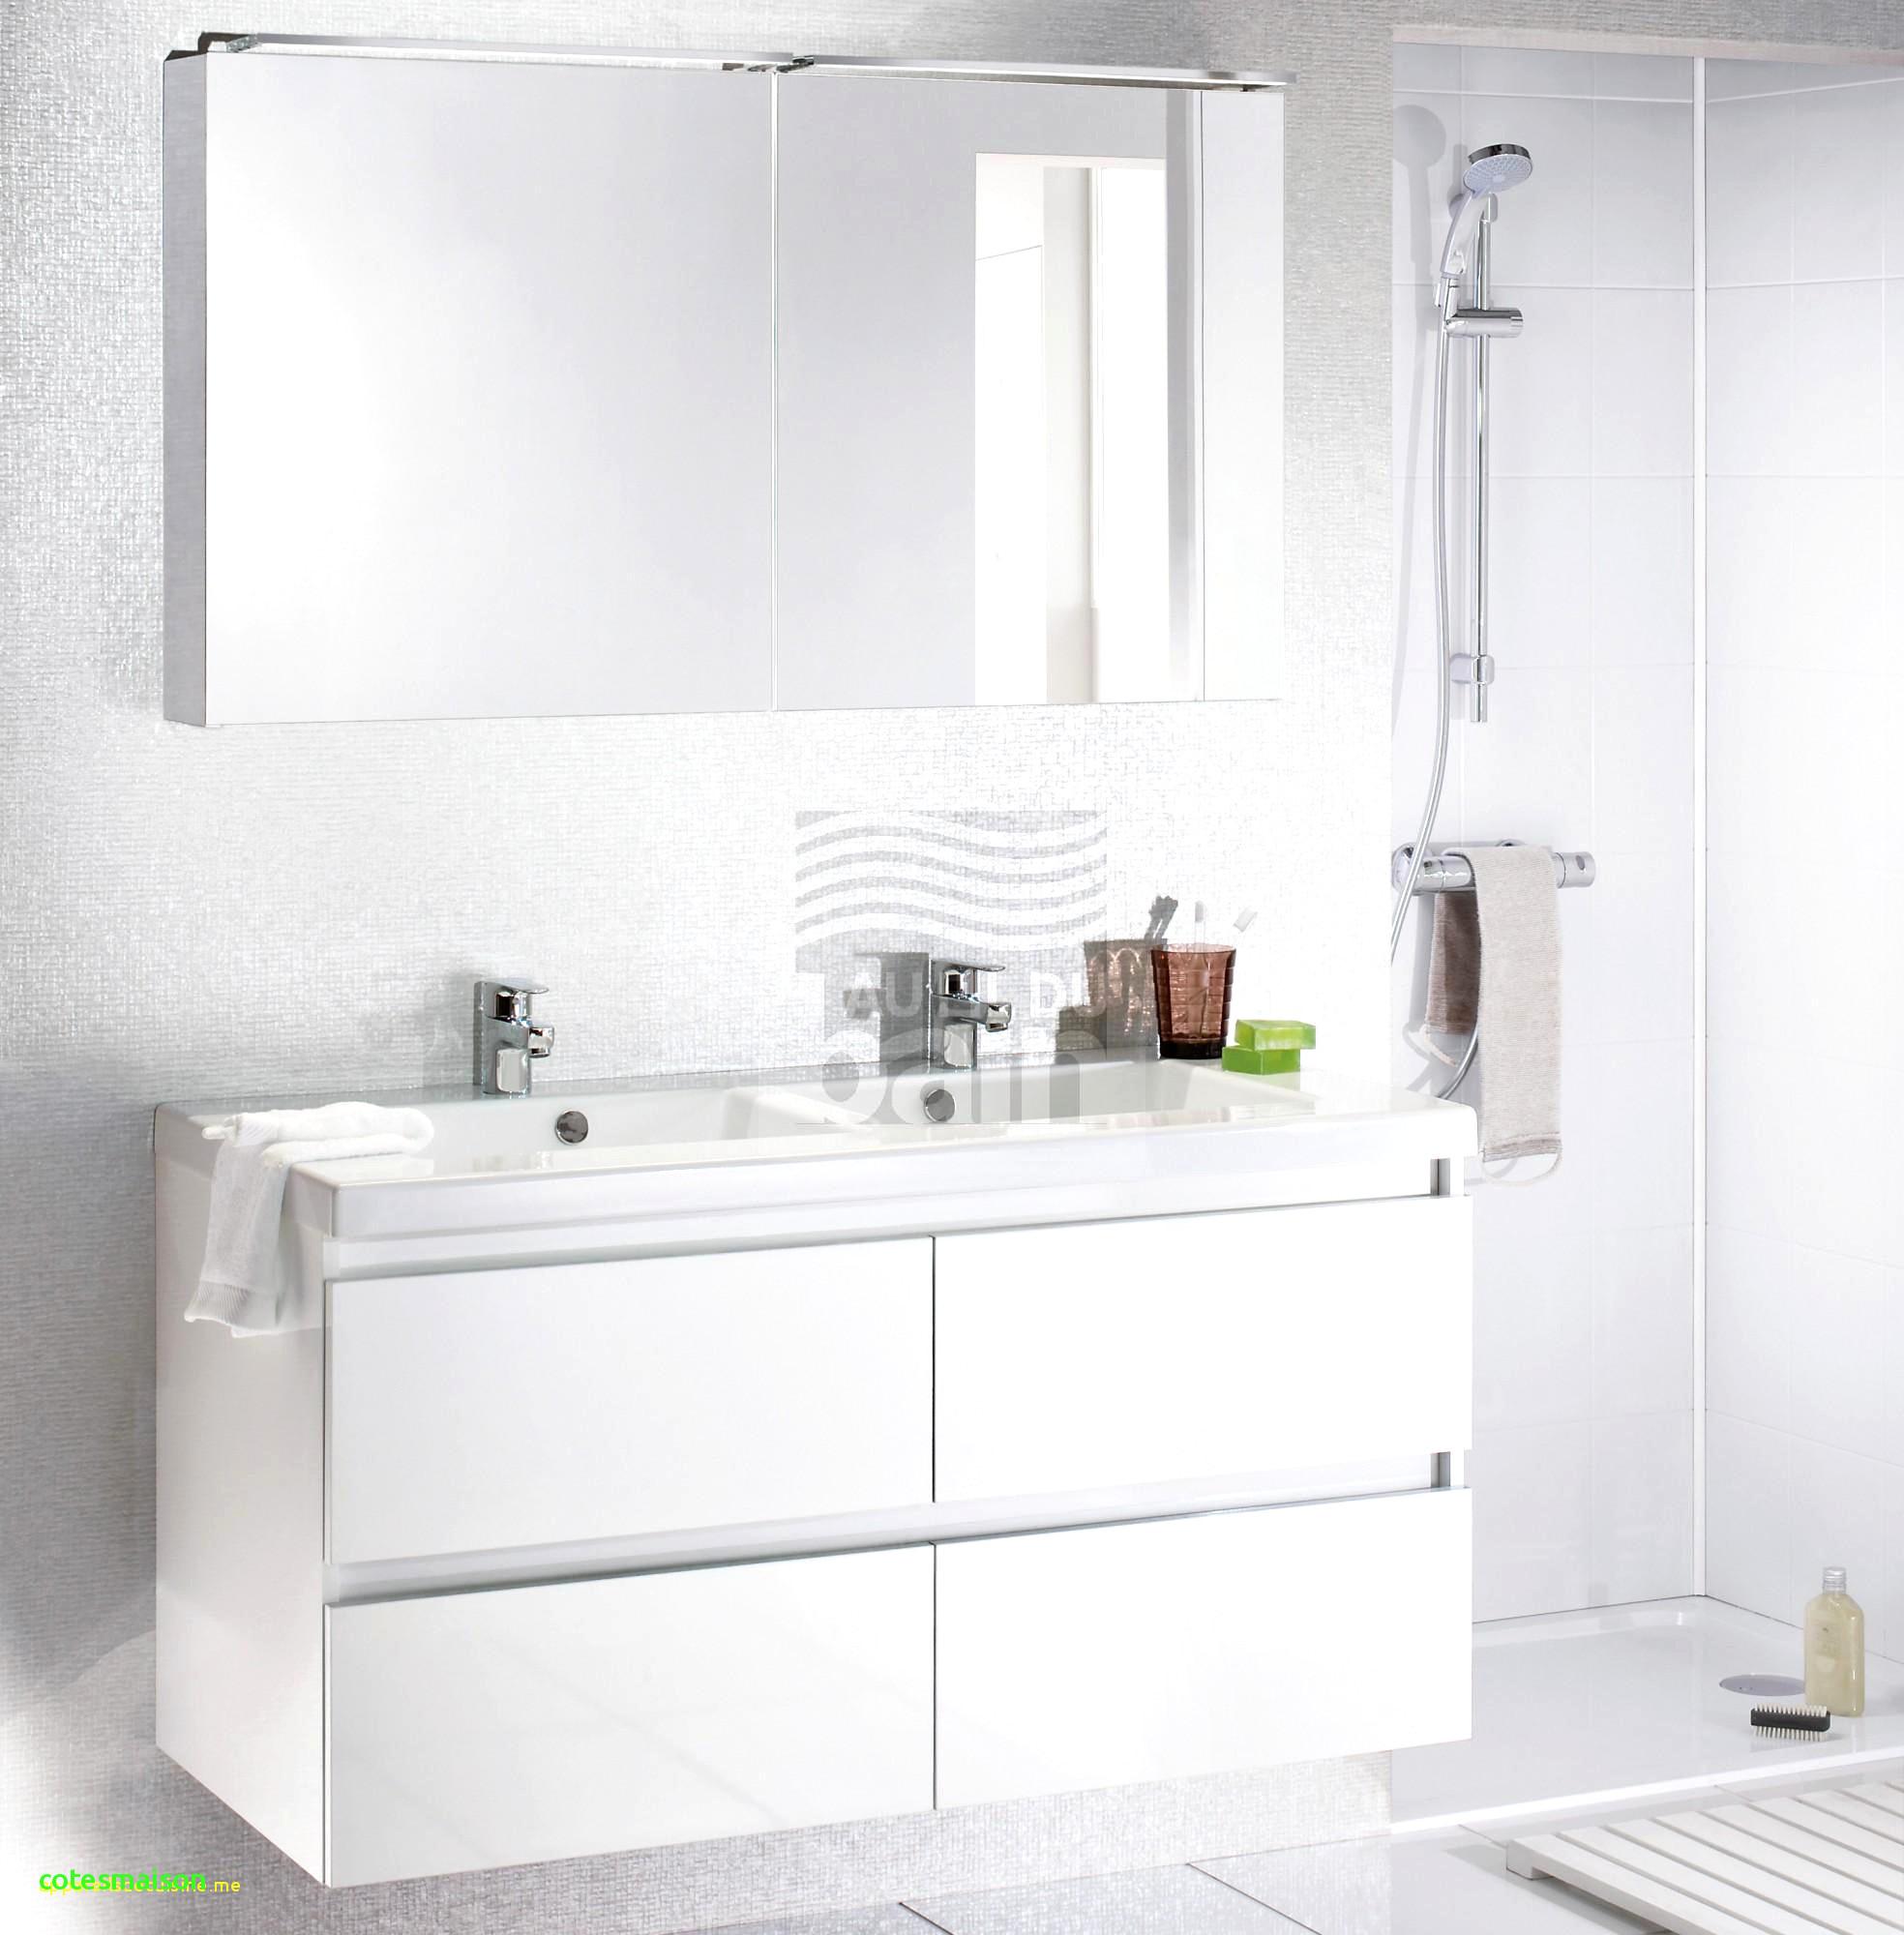 Meuble Salle De Bain Ikea Double Vasque Impressionnant Galerie Le Brillant Aussi Beau Lavabo Avec Meuble Sur Pieds – Cotesmaison